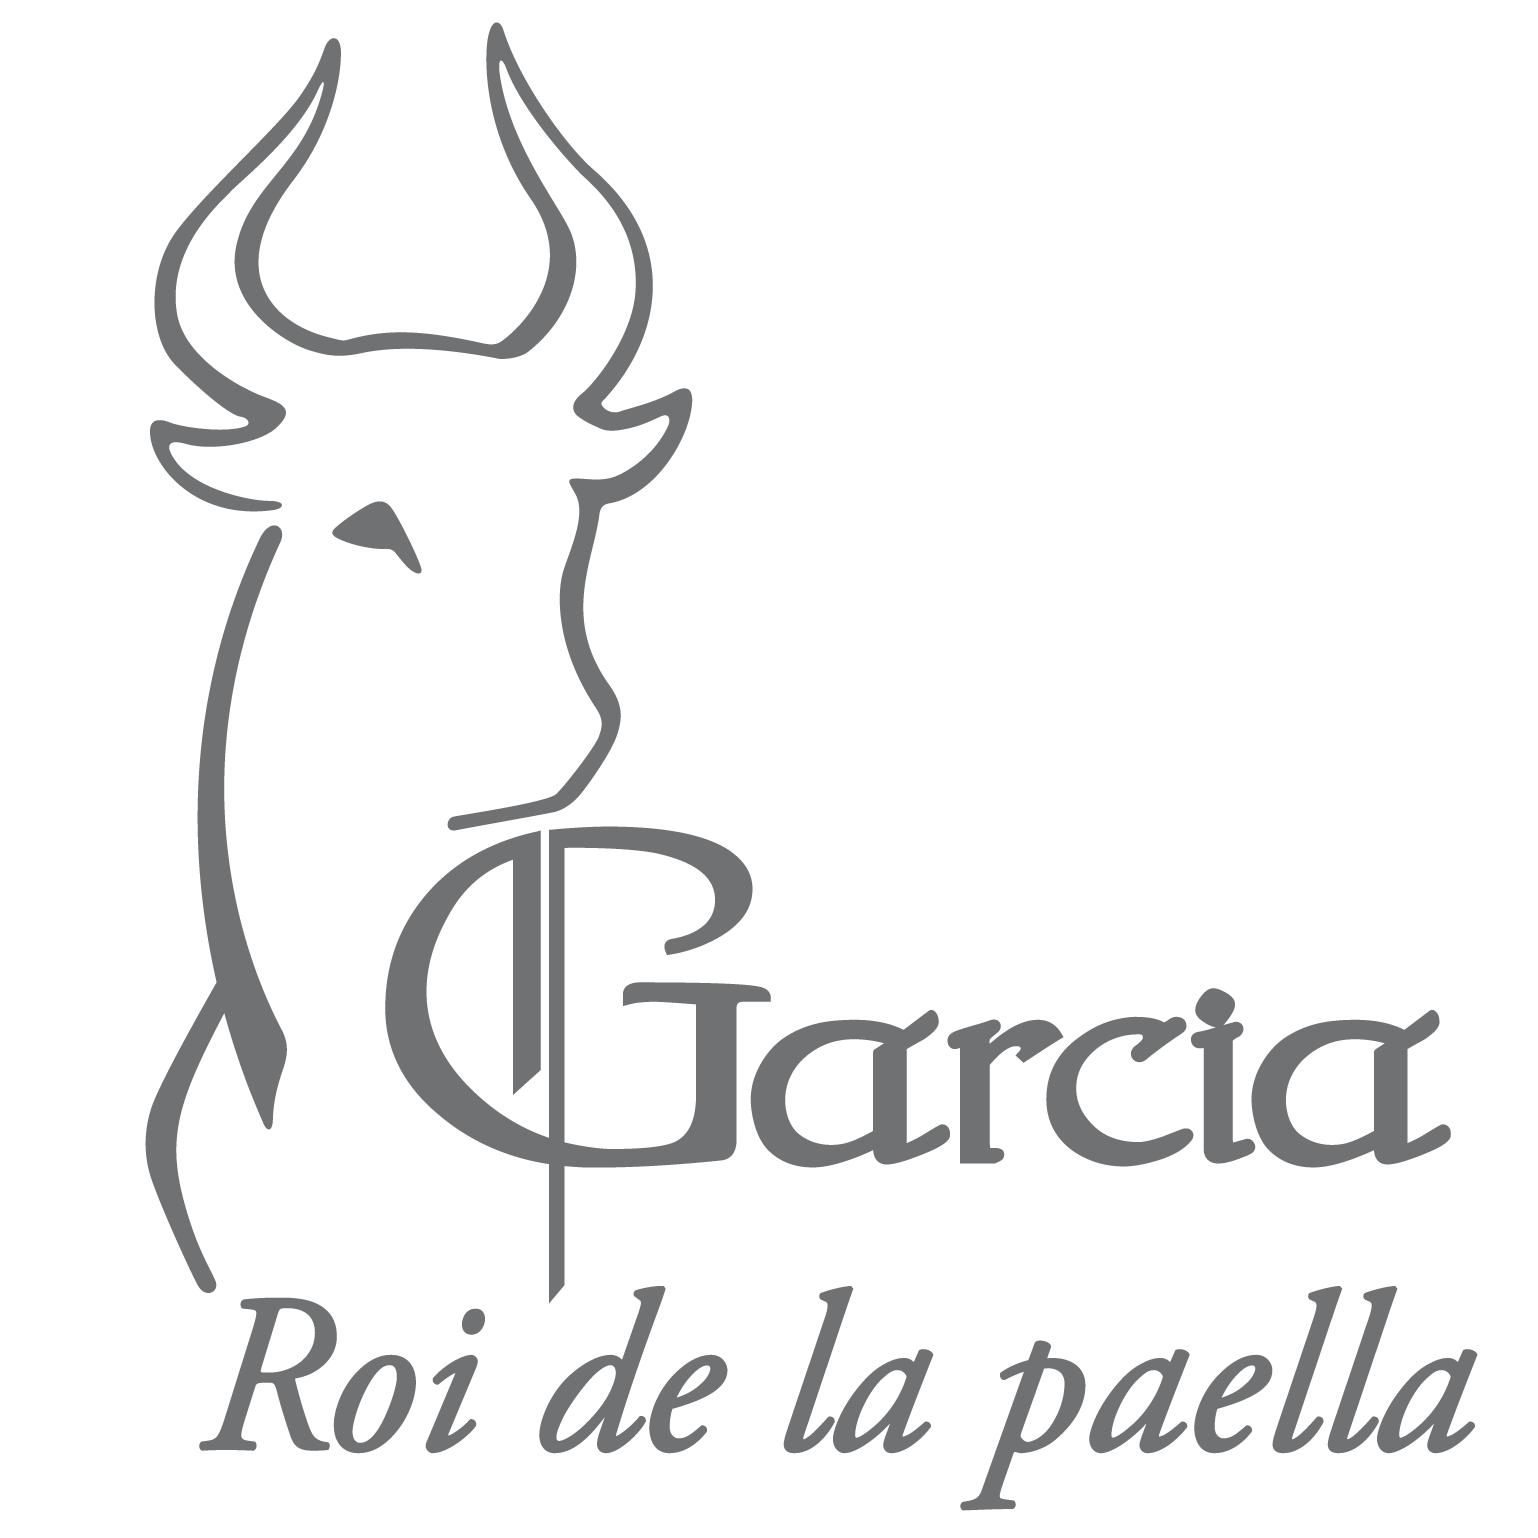 Roi de la Paella